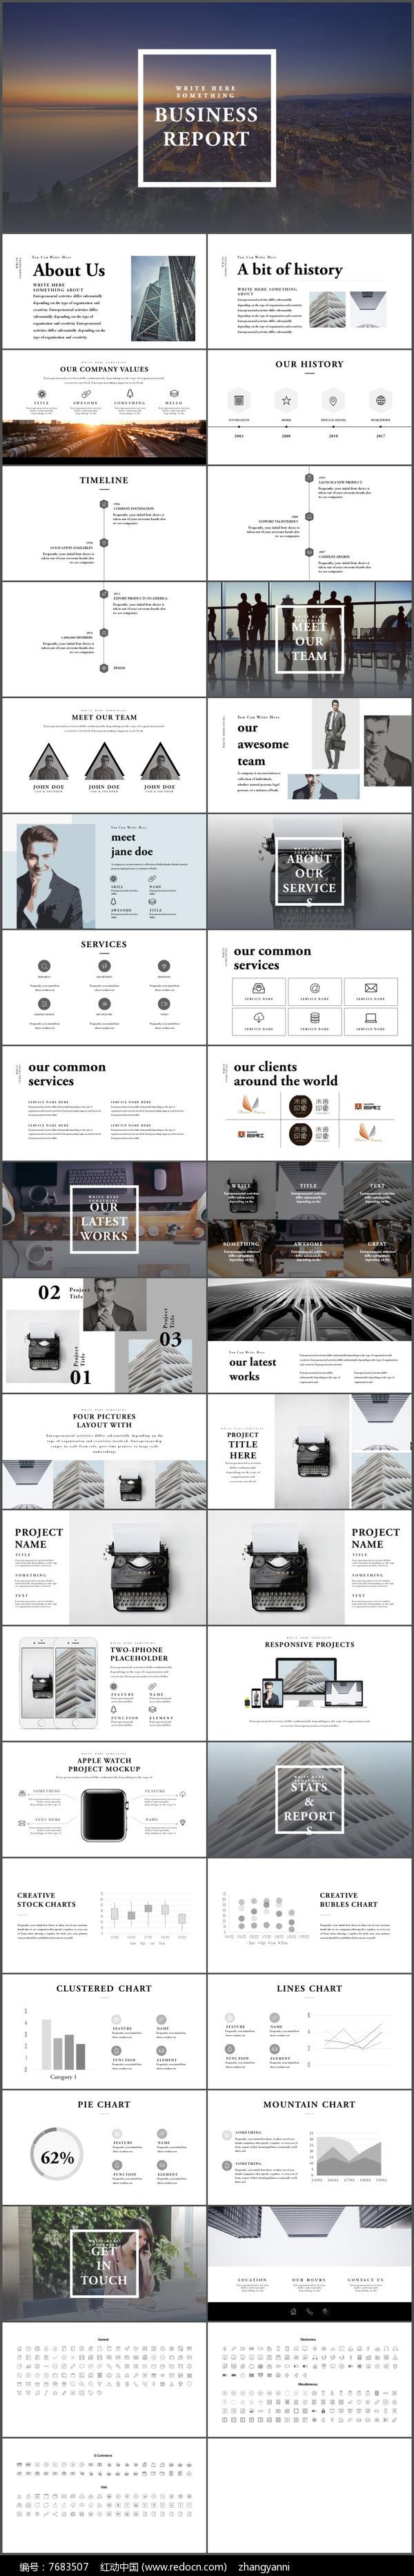 高端时尚公司介绍企业宣传画册PPT模板